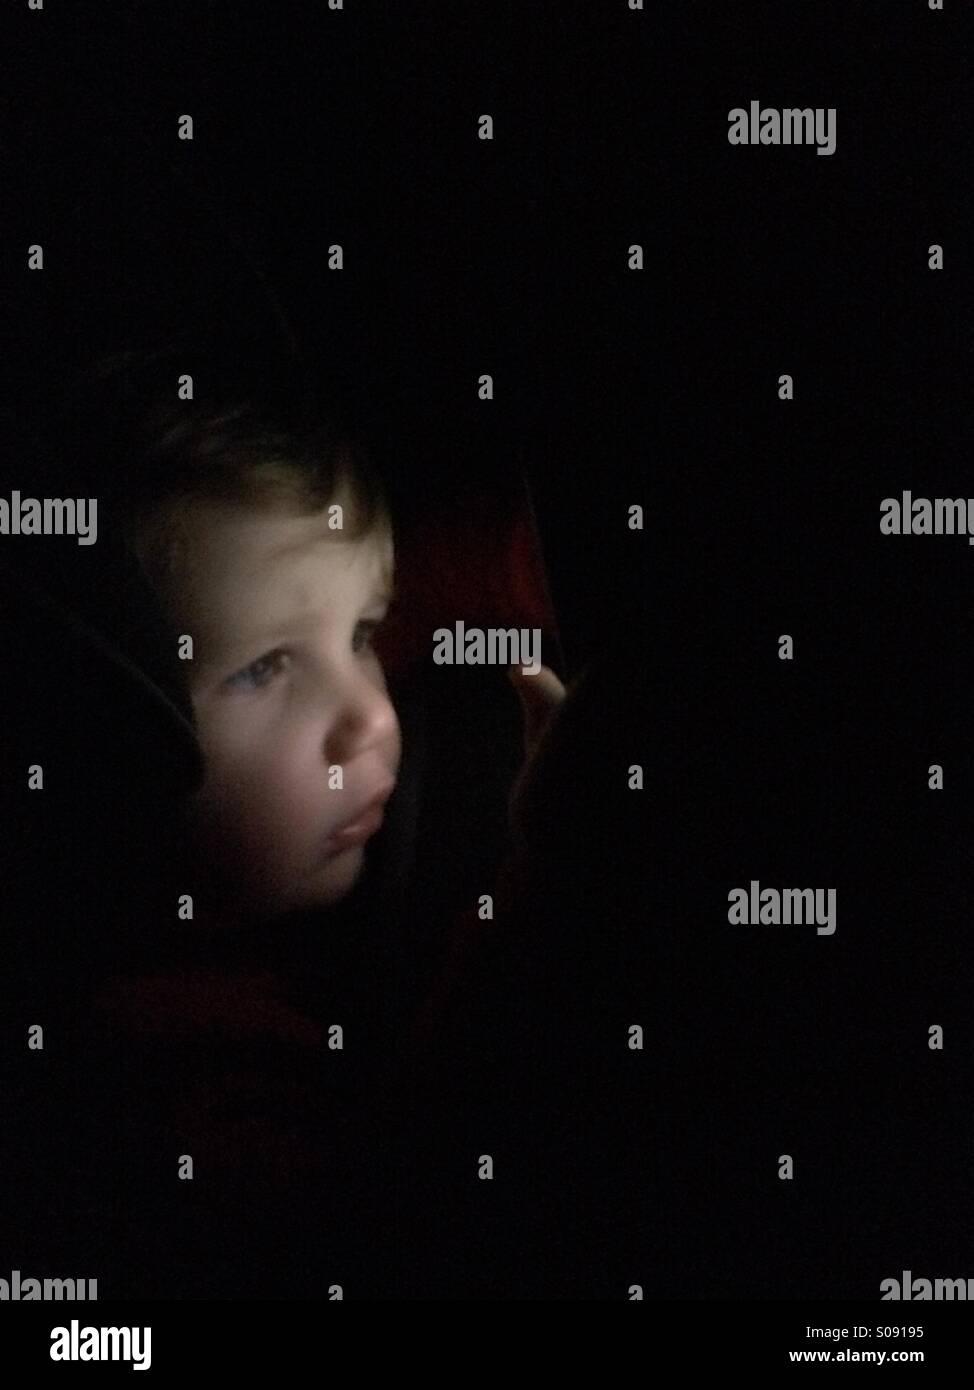 Bambino guardando attraverso il buio Immagini Stock